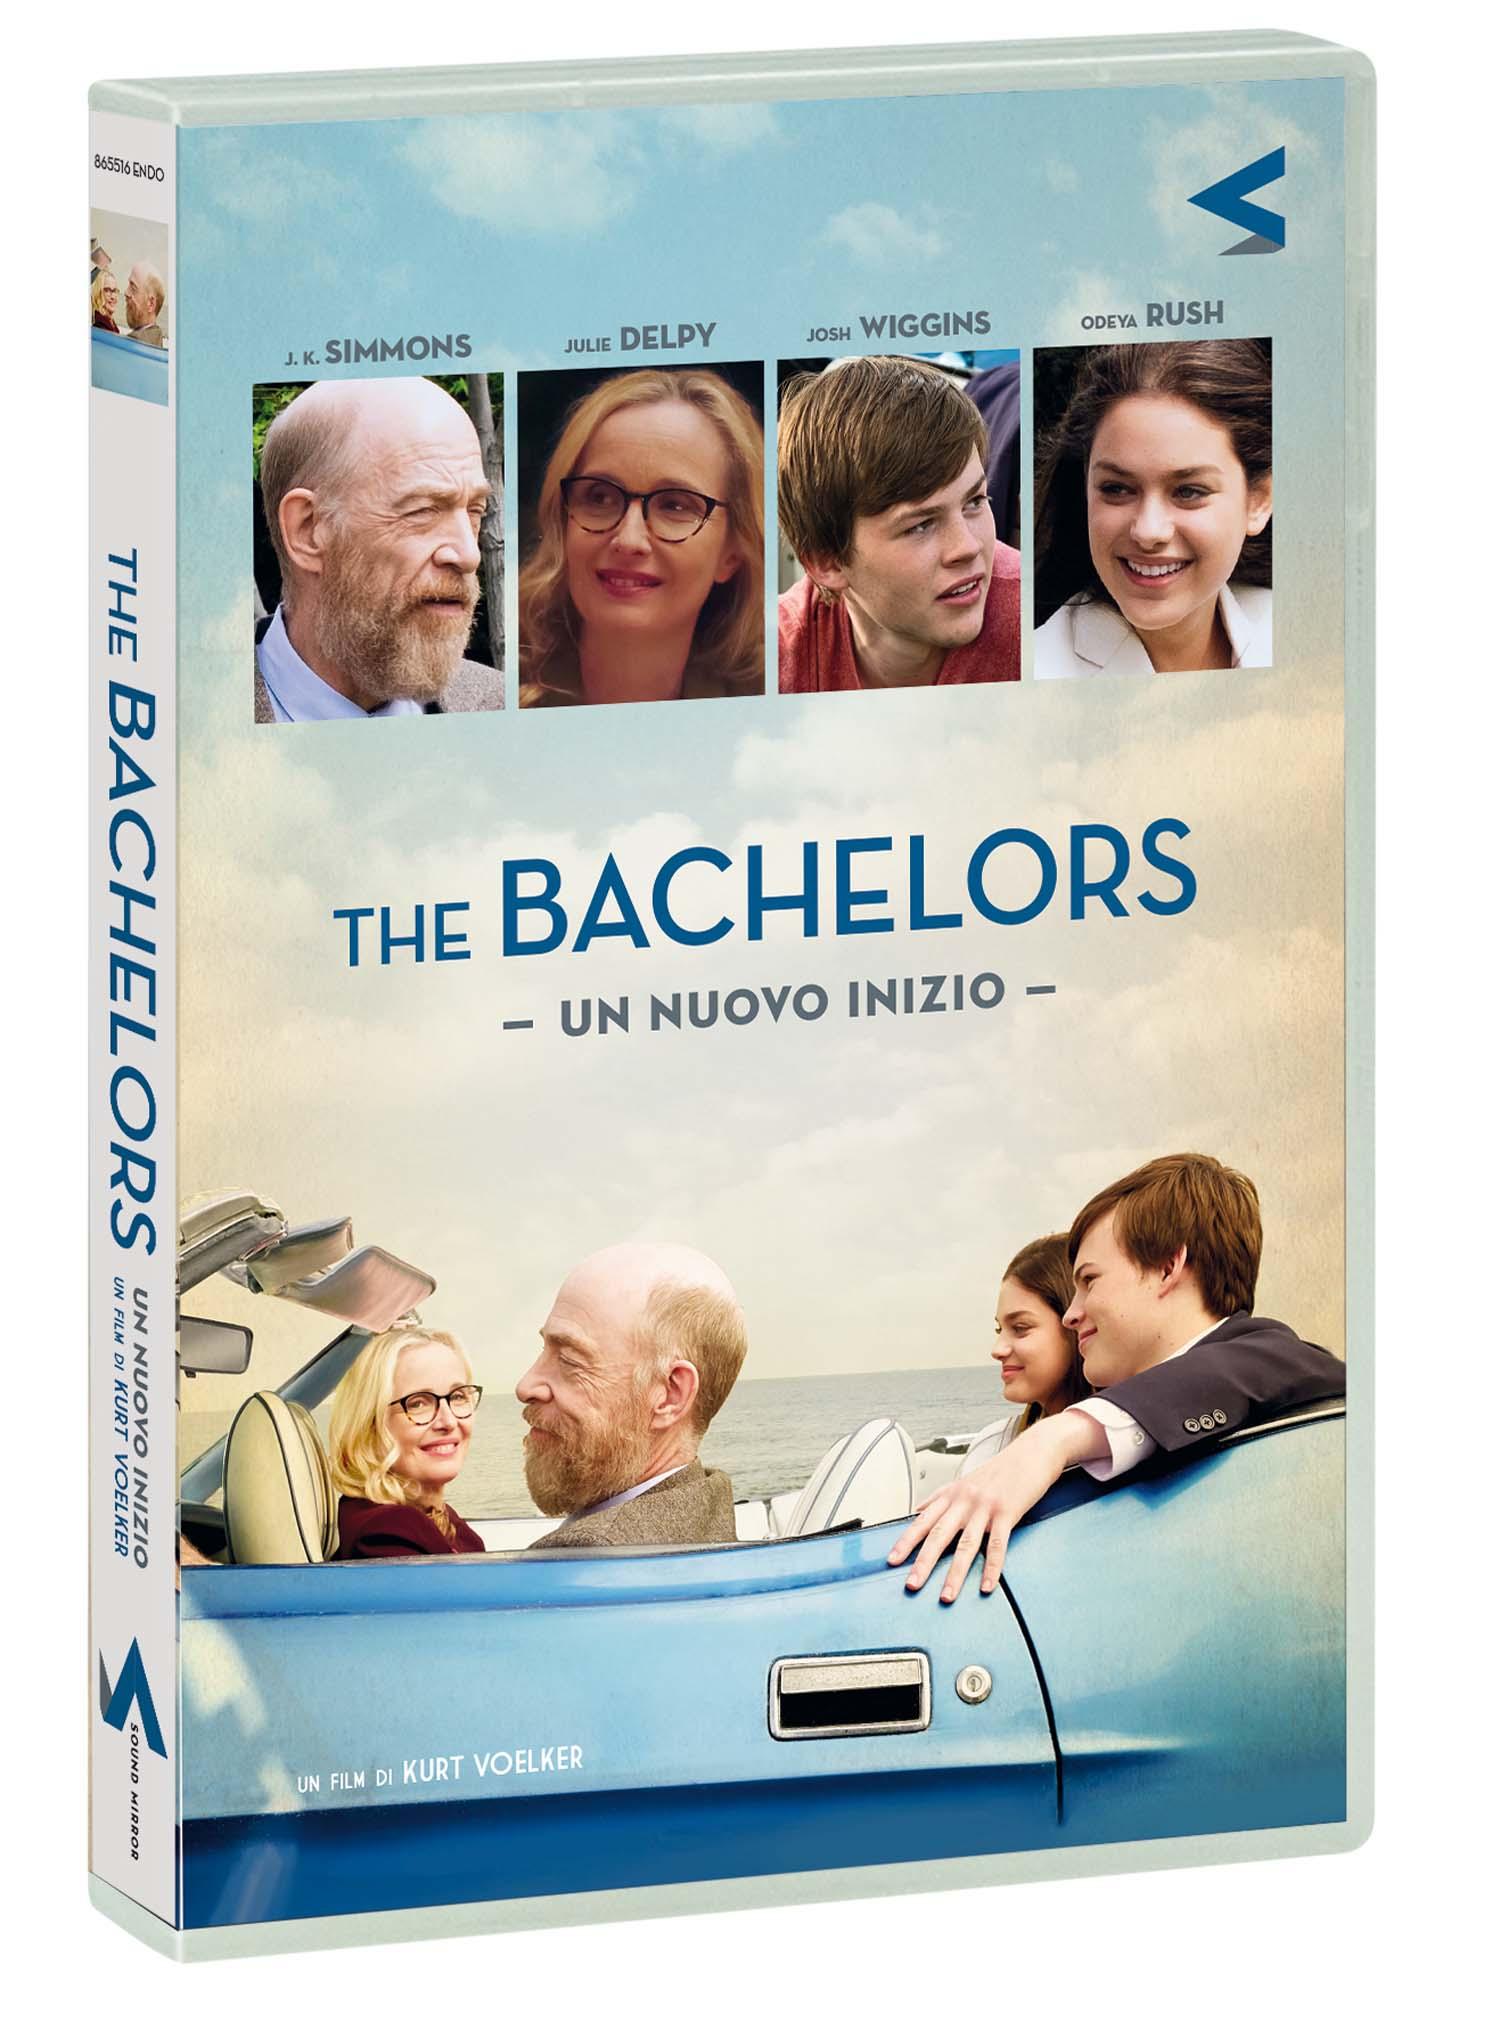 THE BACHELORS - UN NUOVO INIZIO (DVD)